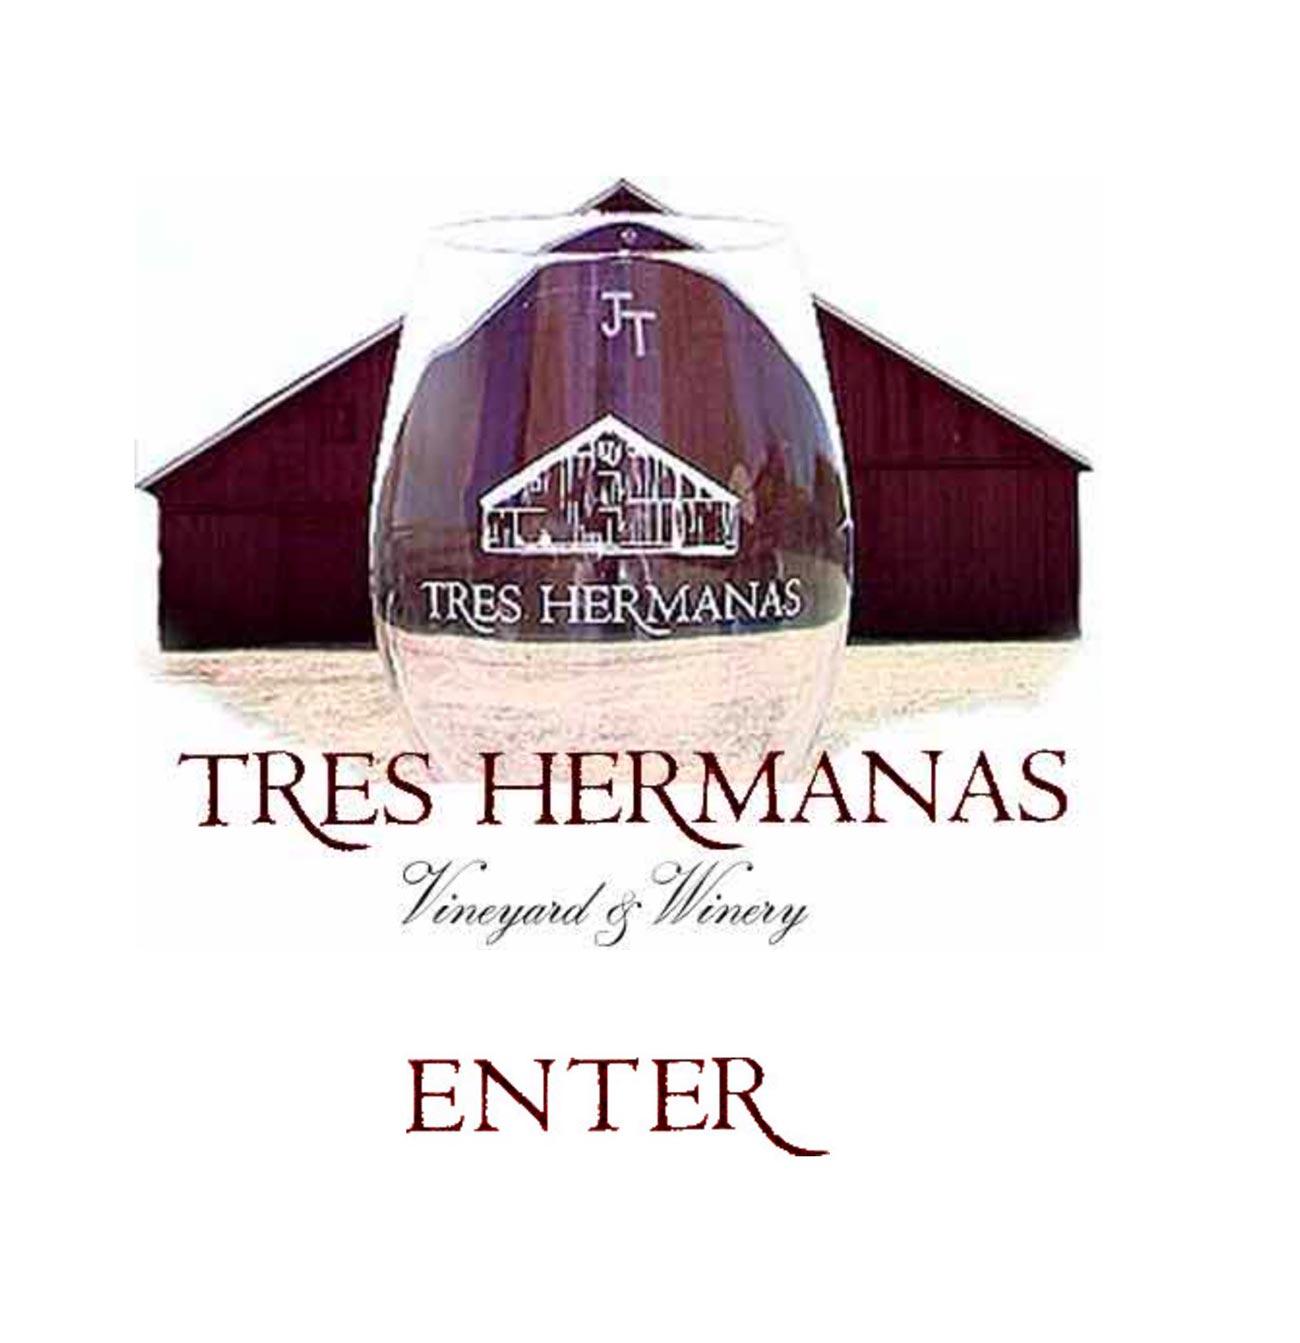 Treshermanas winery